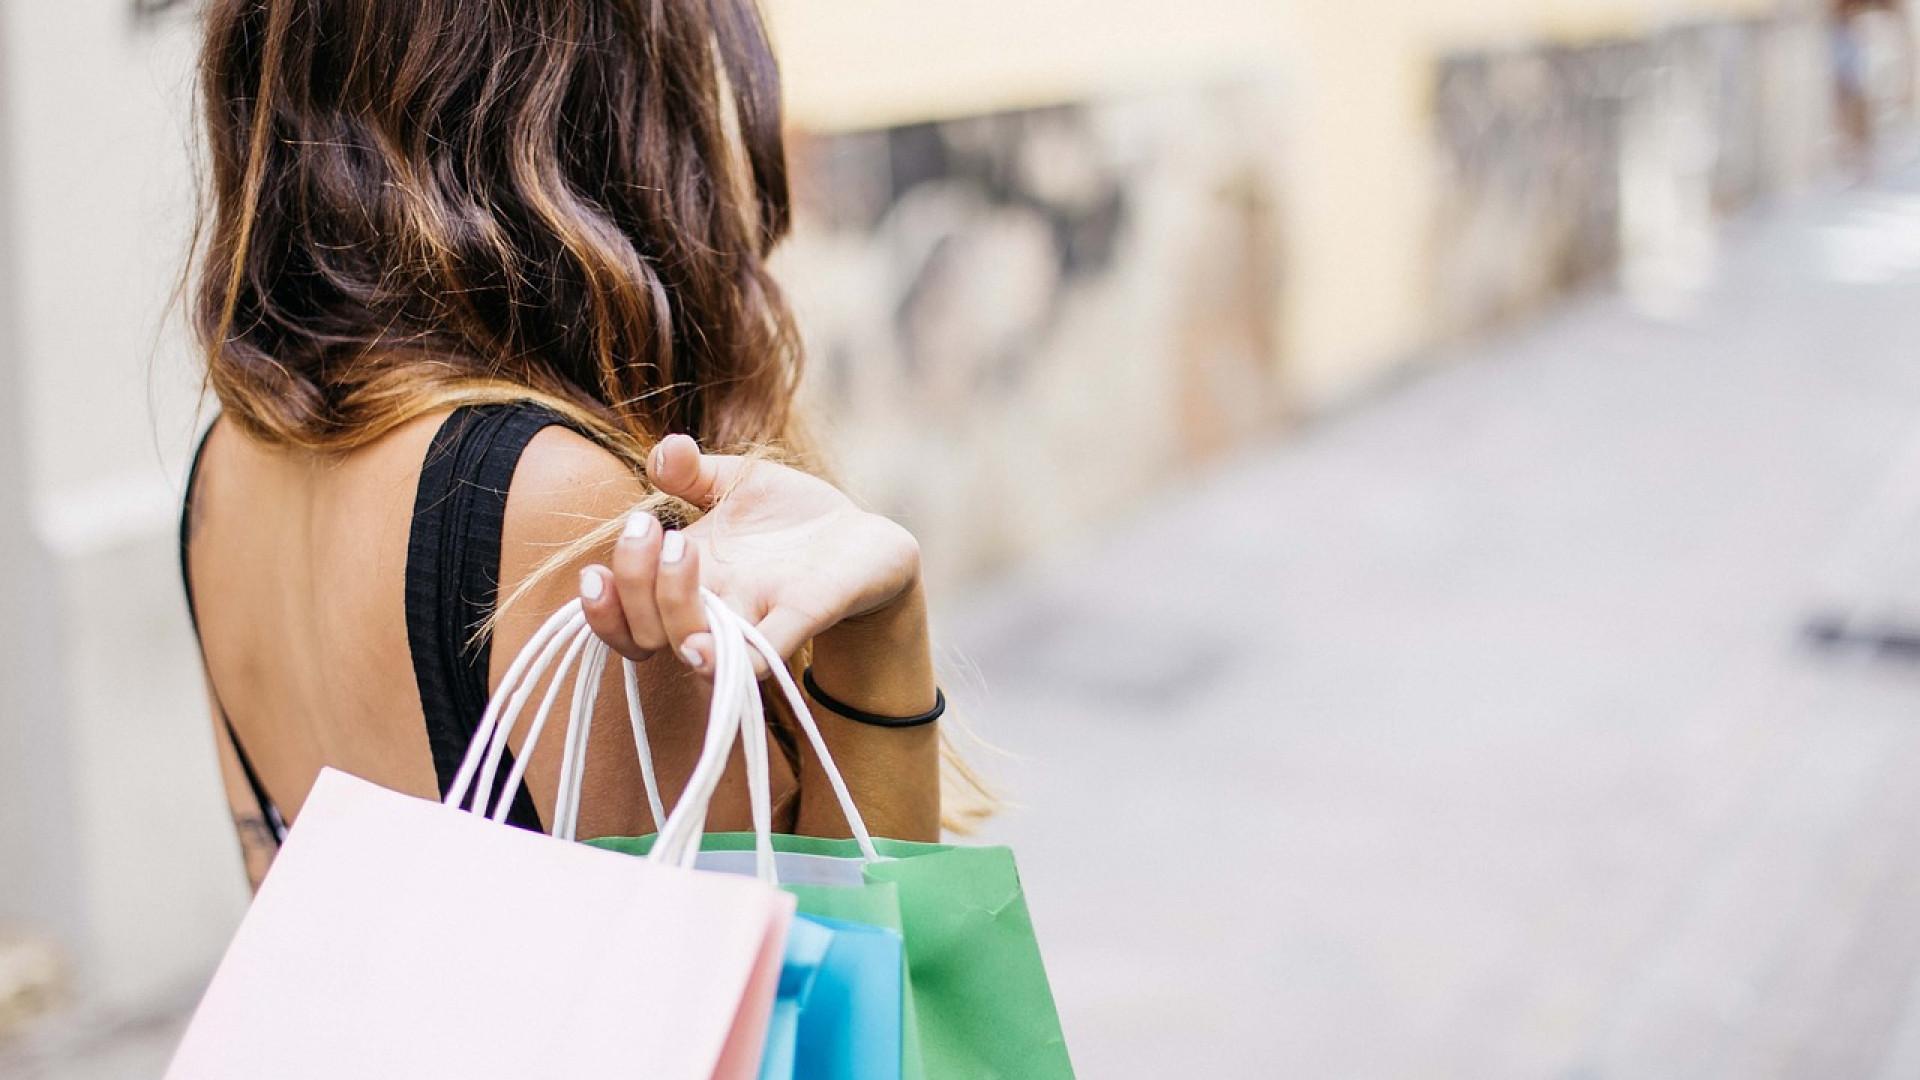 Les soldes ont-elles encore une pertinence face aux ventes privées ?